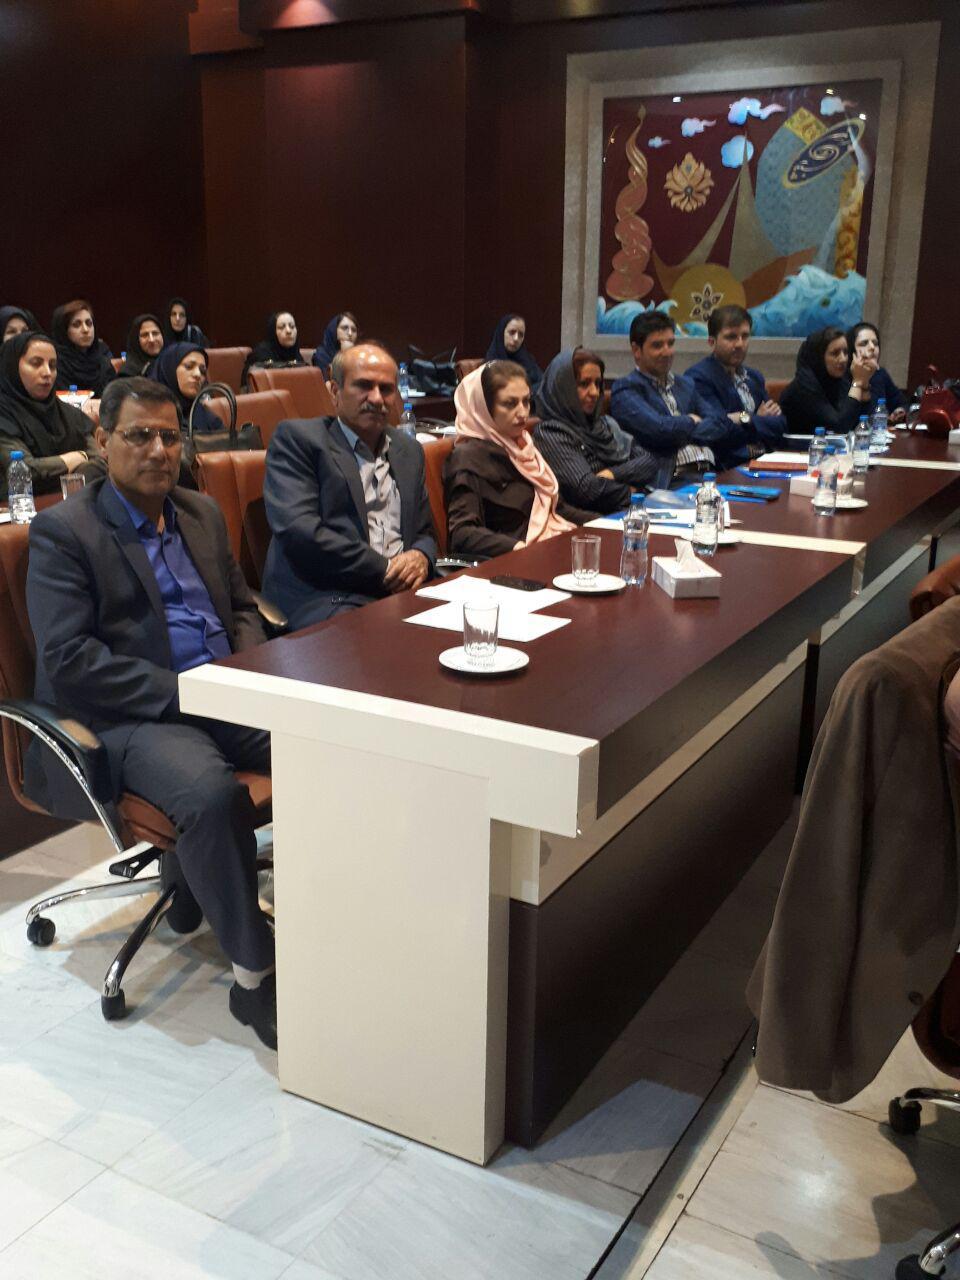 برگزاری سمینار آموزش پرستاری دستگاه های دیالیز  4008s Classic فرزنیوس در مشهد 5